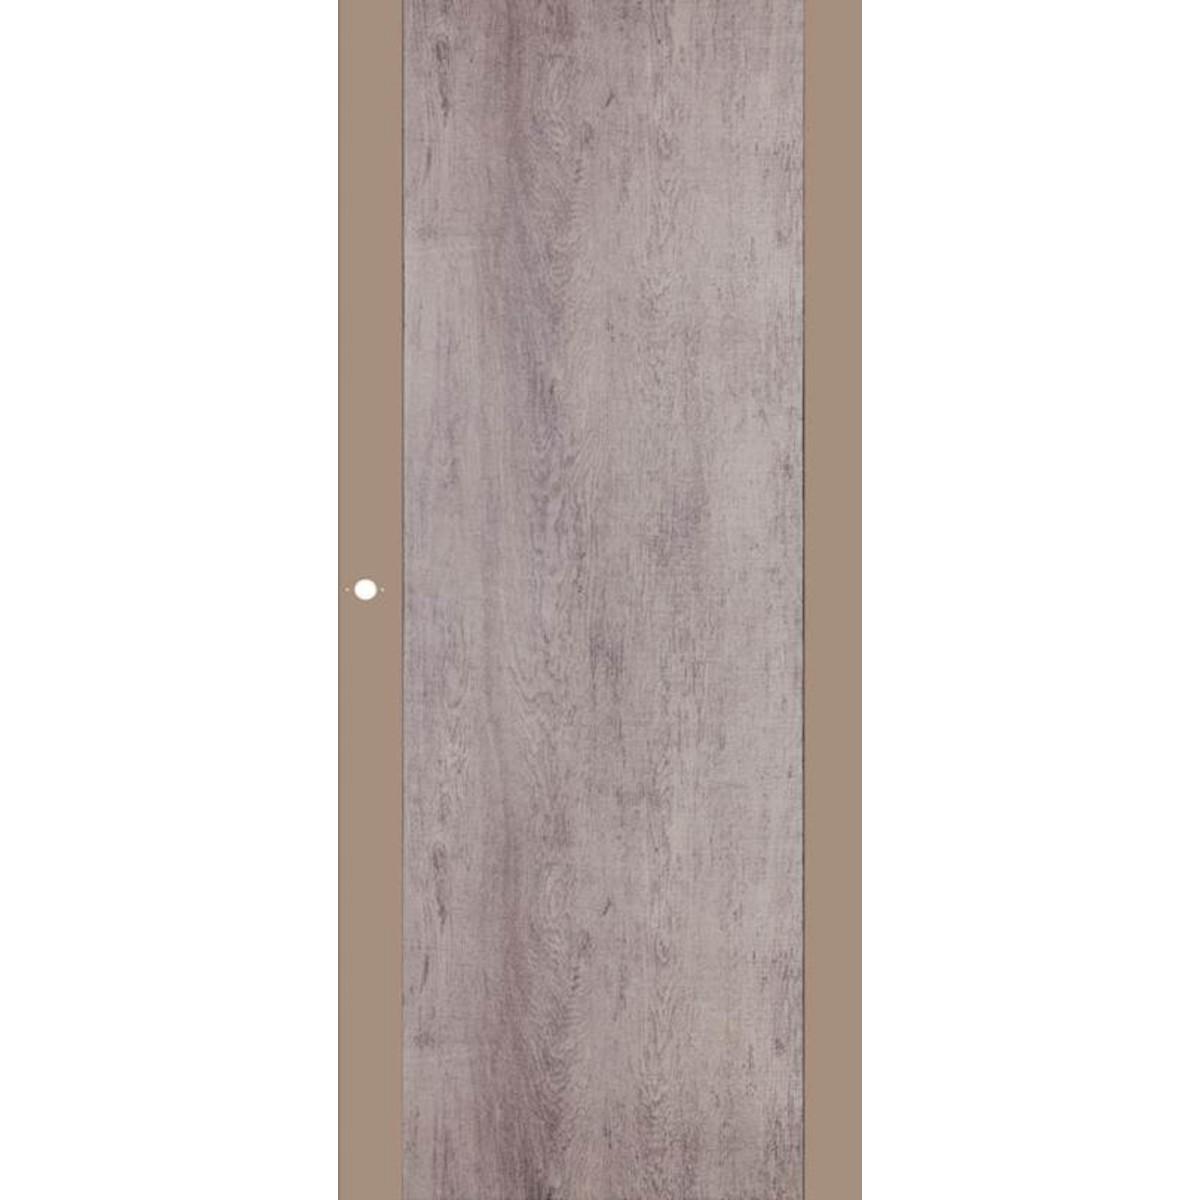 Дверь Межкомнатная Глухая Арт Лайн 80x200 Цвет Какао/Кора